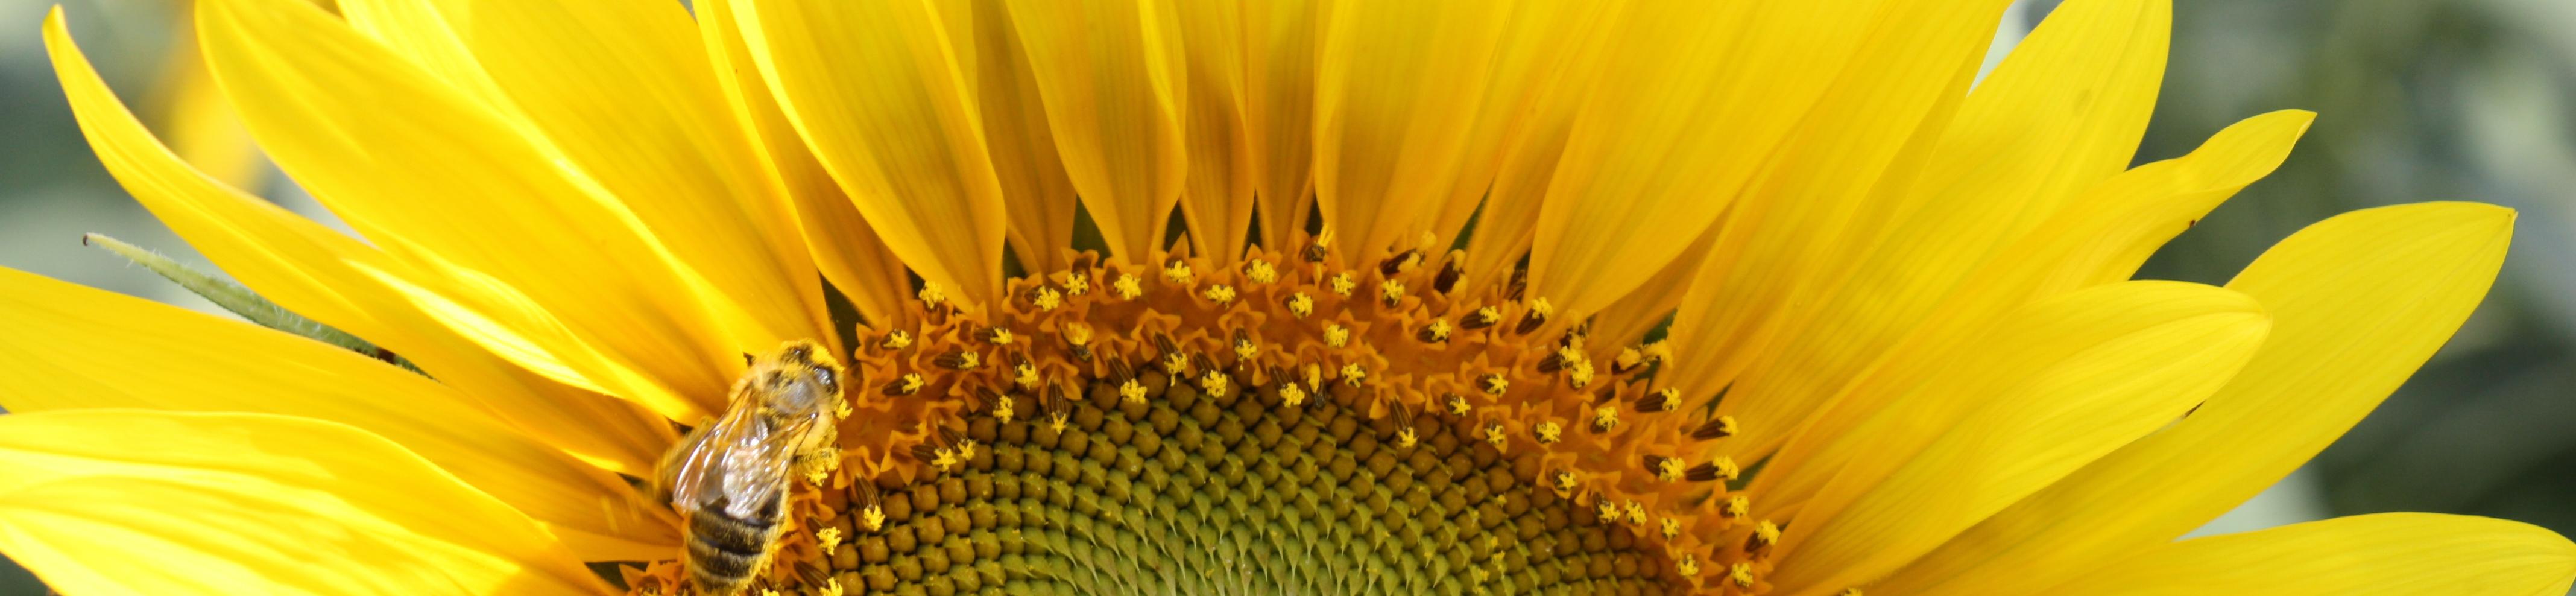 РЖТ ВОЛЛЬФ - лідер серед гібридів соняшнику в ранньостиглій групі